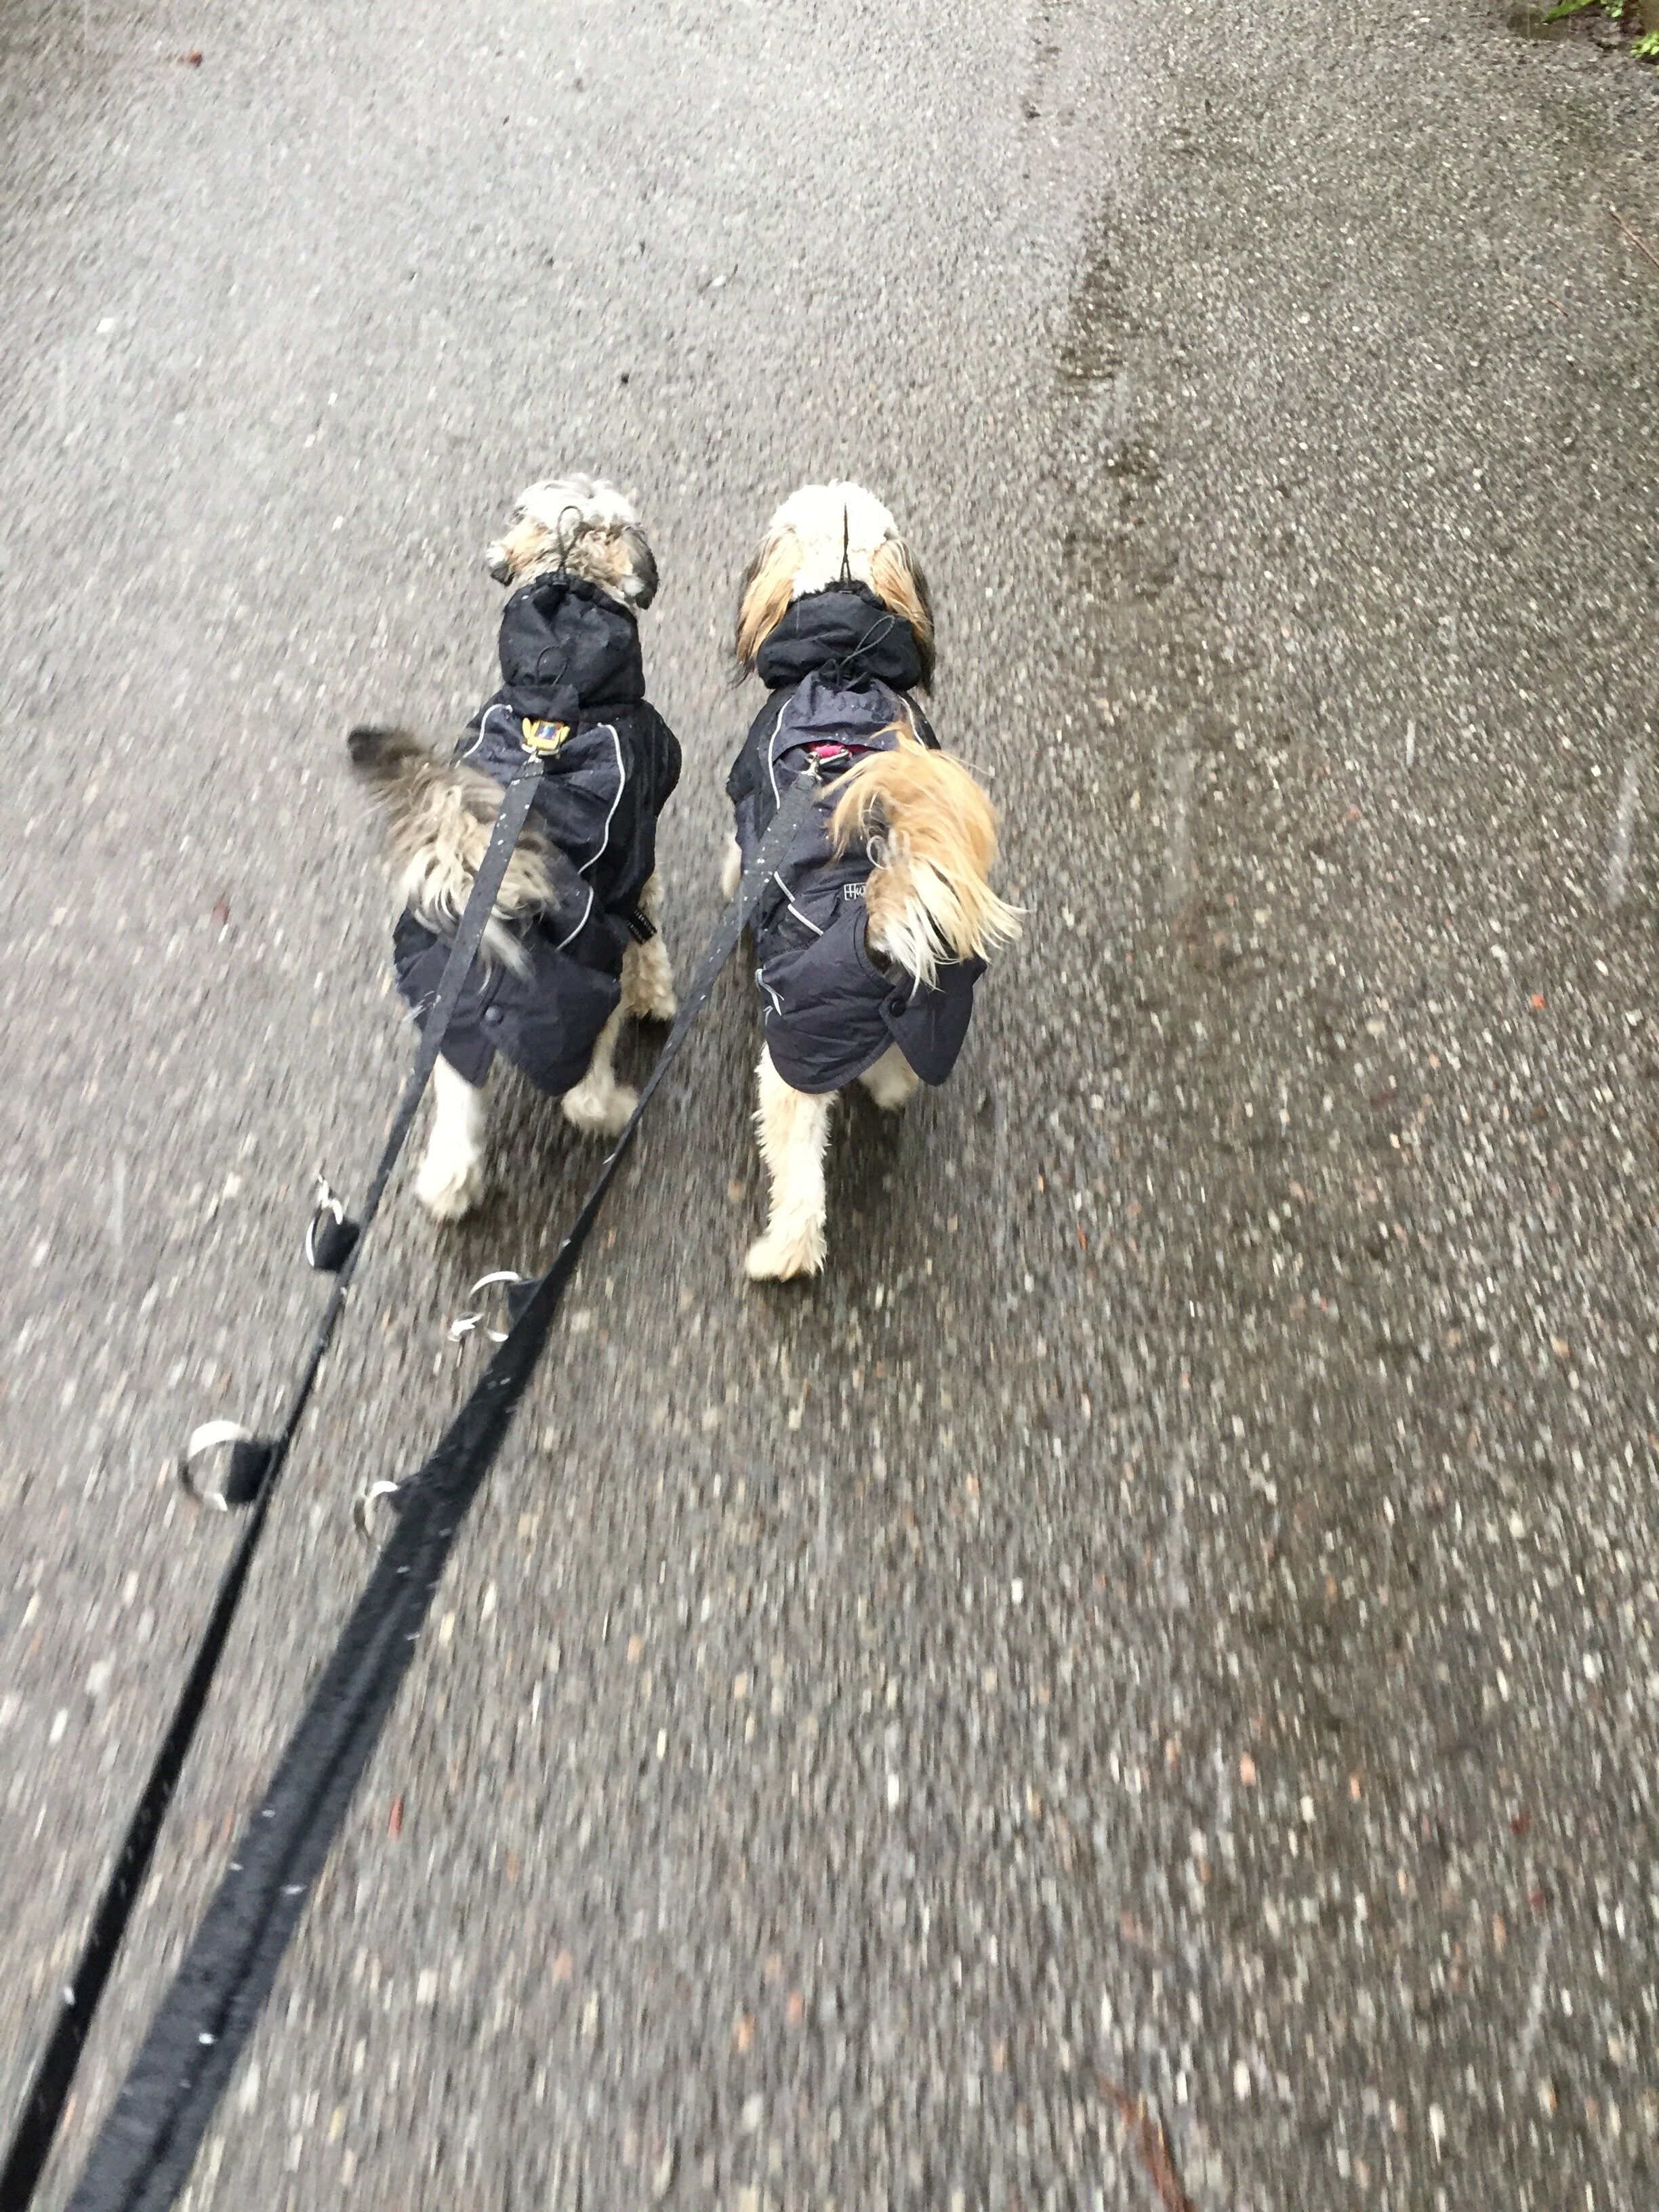 Man kommer verkligen ut i ur och skur. Hunden är en perfekt kompis att ta med sig på joggingrundan. Och den gör den annars rätt enformiga morgonpromenaden mycket roligare.